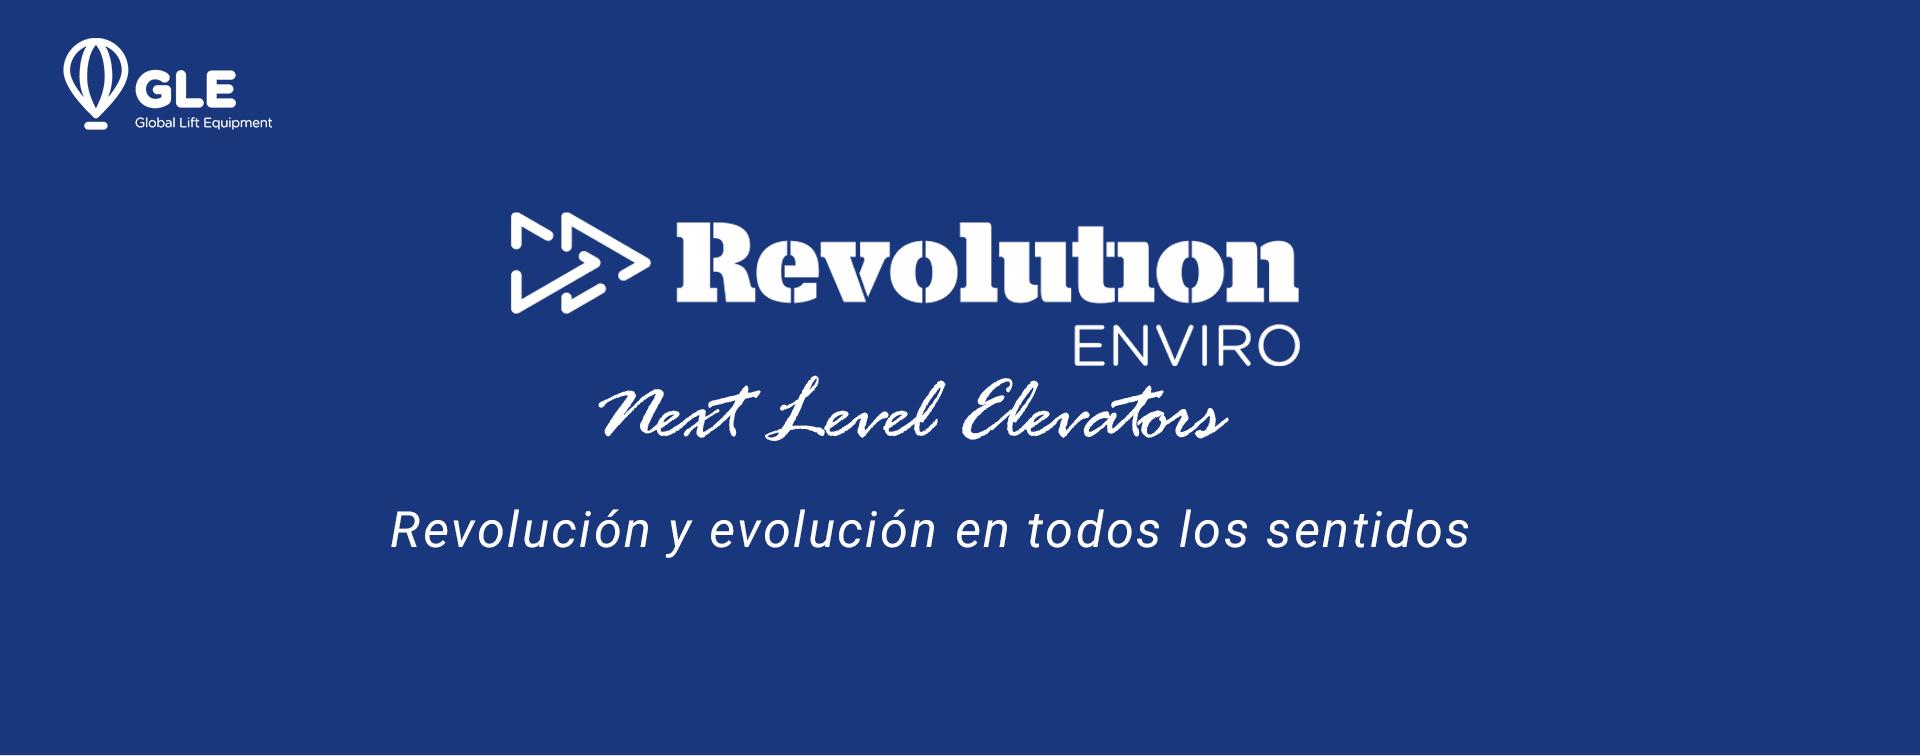 Revolución y evolución en todos los sentidos: Enviro REVOLUTION